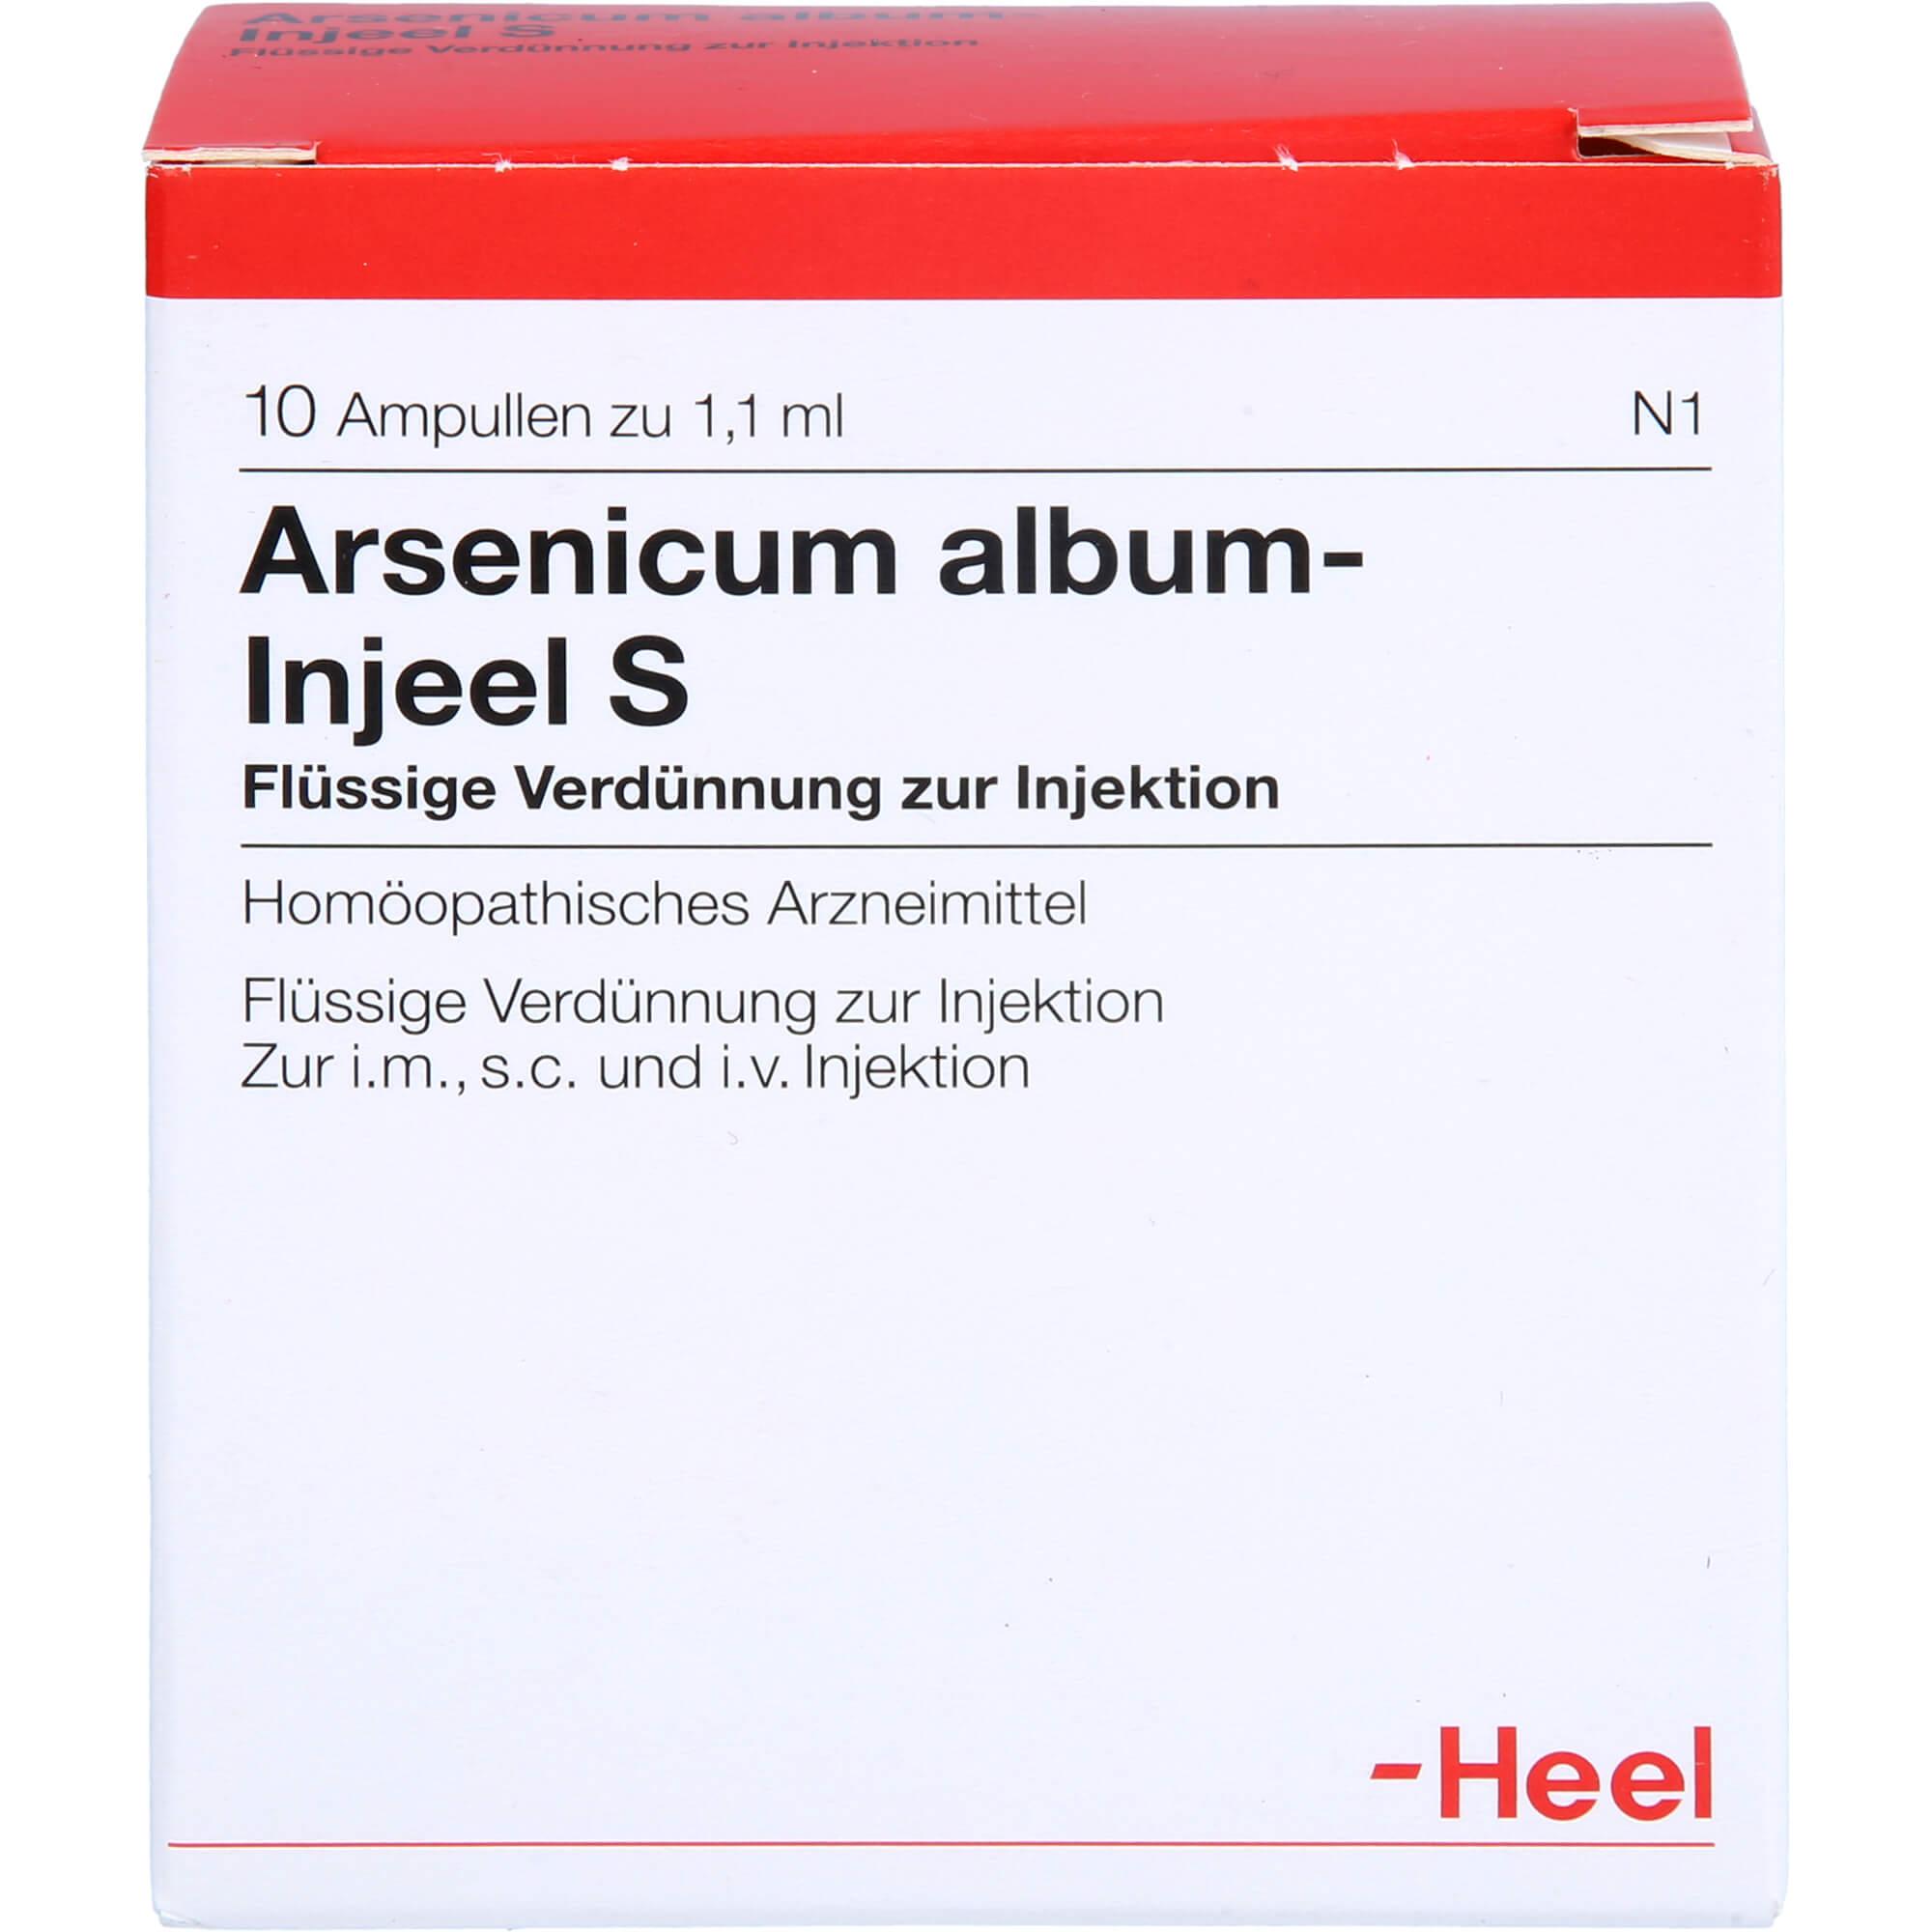 ARSENICUM-ALBUM-INJEEL-S-Ampullen